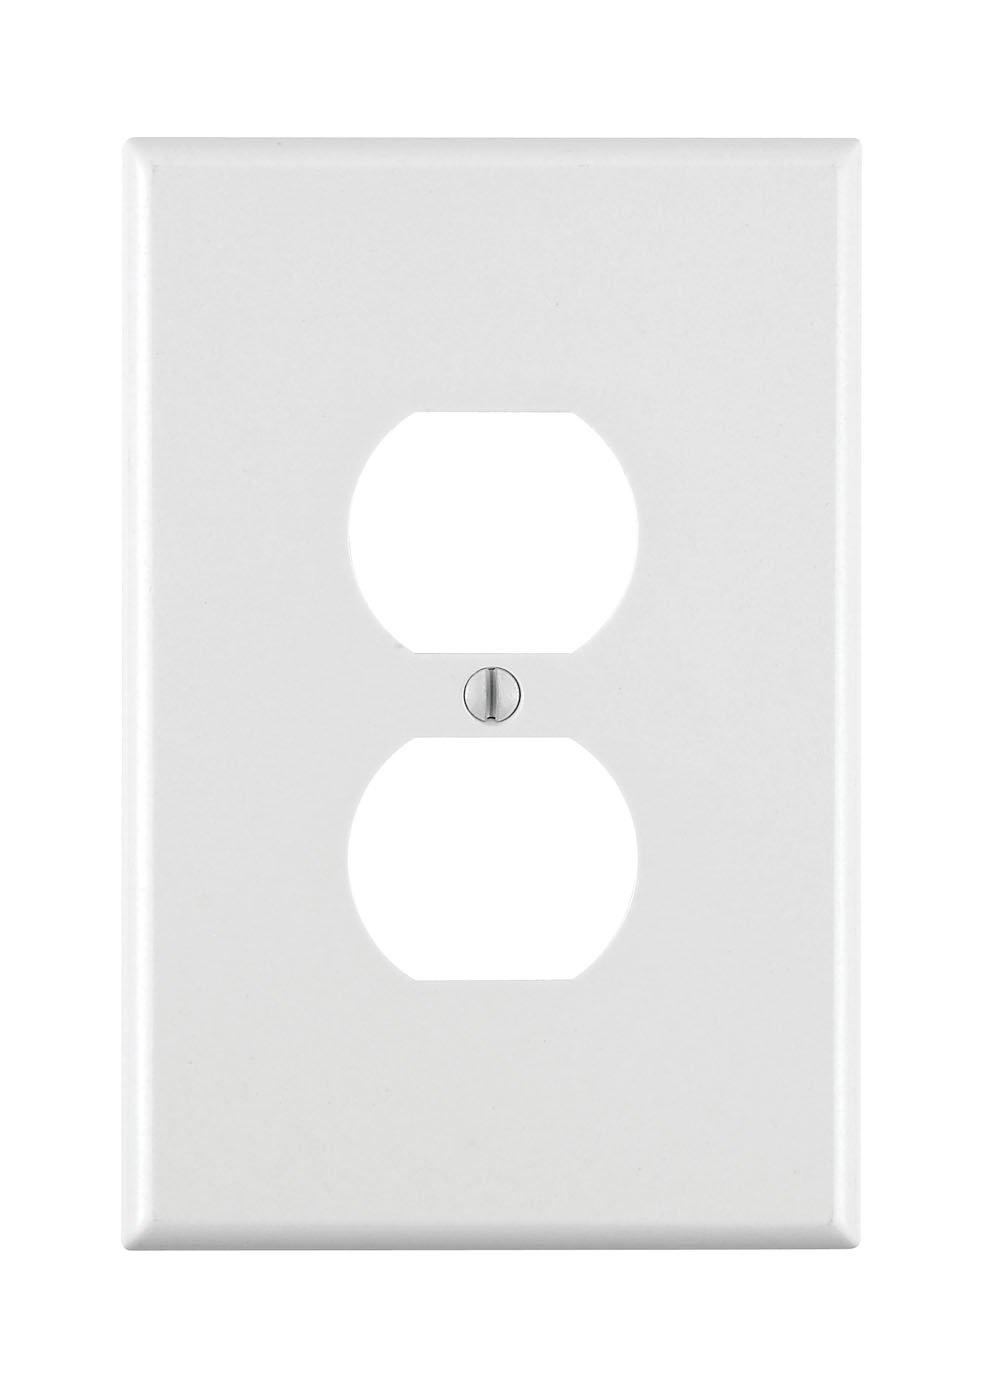 プラスチック製 88103 オーバーサイズ コンセント ウォールプレート 100 Pack 88103 B01MEES8NN コンセント B01MEES8NN 25-Pack|ホワイト ホワイト 25-Pack, ミヤハラマチ:efe5d36a --- gamenavi.club